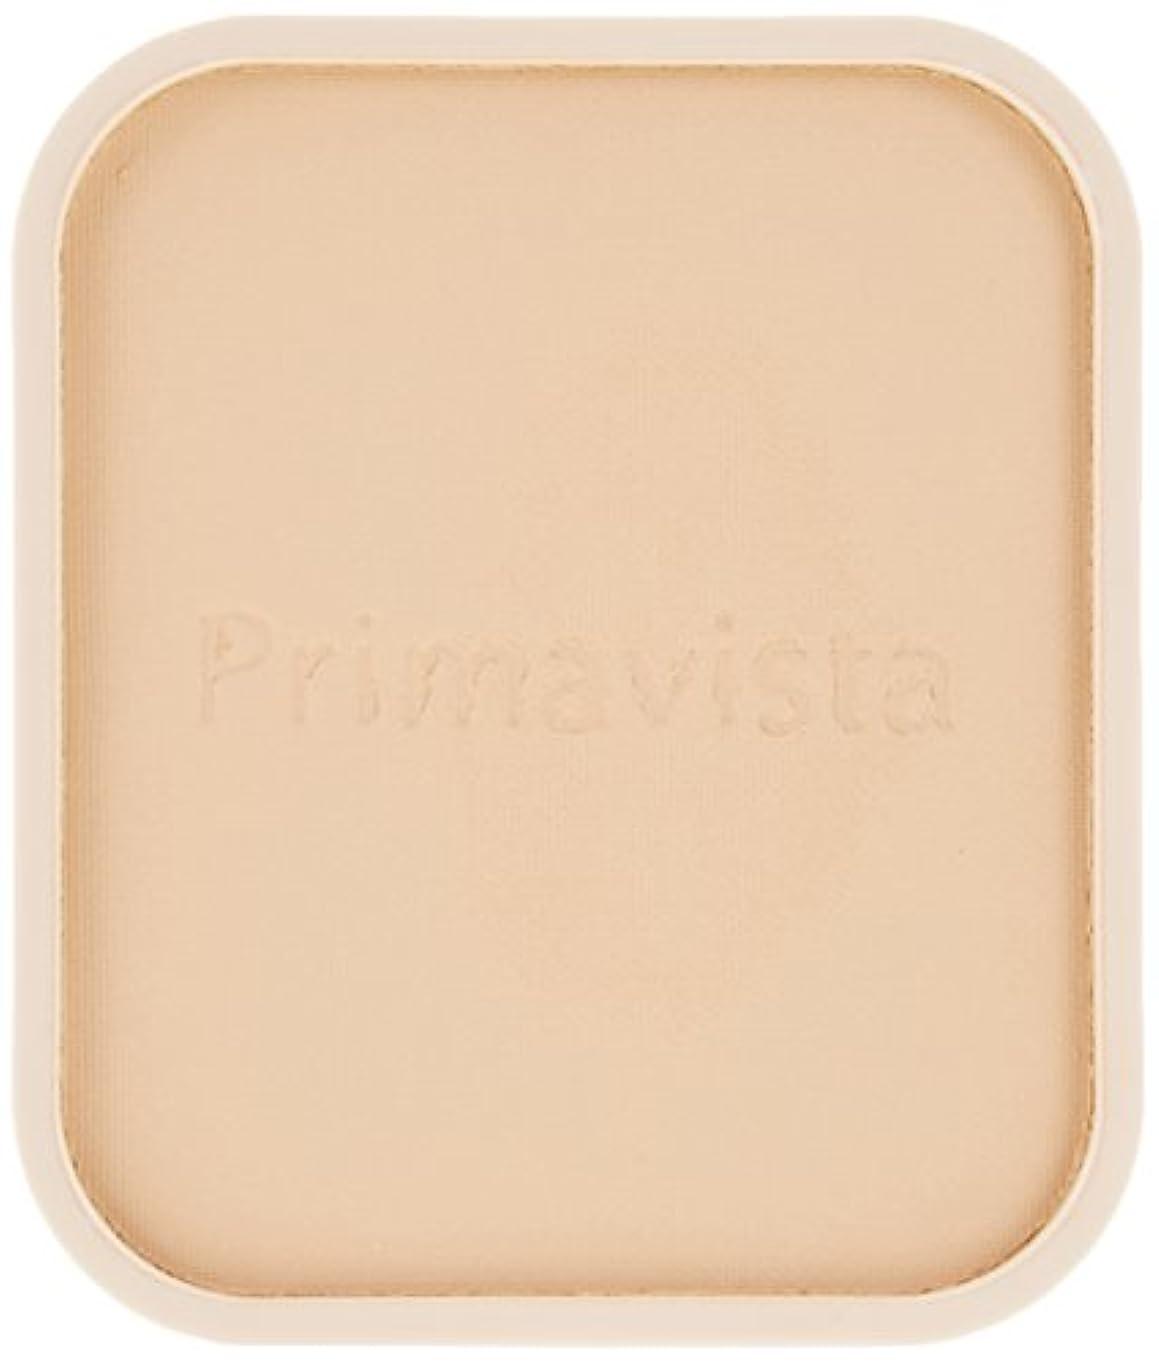 ふさわしい優しい赤道ソフィーナ プリマヴィスタ くずれにくい 化粧のり実感パウダーファンデーションUV ベージュオークル03 レフィル